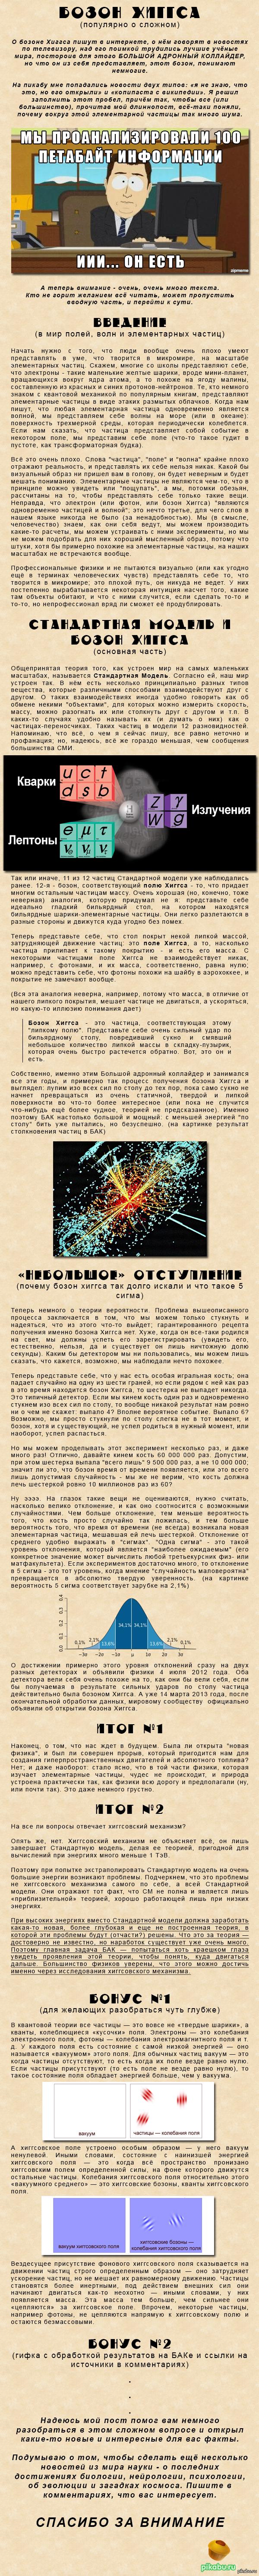 Всё, что вы хотели знать о бозоне Хиггса, но боялись спросить Осторожно: очень длиннопост, наукопост, физикопост, бозонопост и вообще очень очень много текста  бозон хиггса, наука, физика, БАК, длиннопост, моё